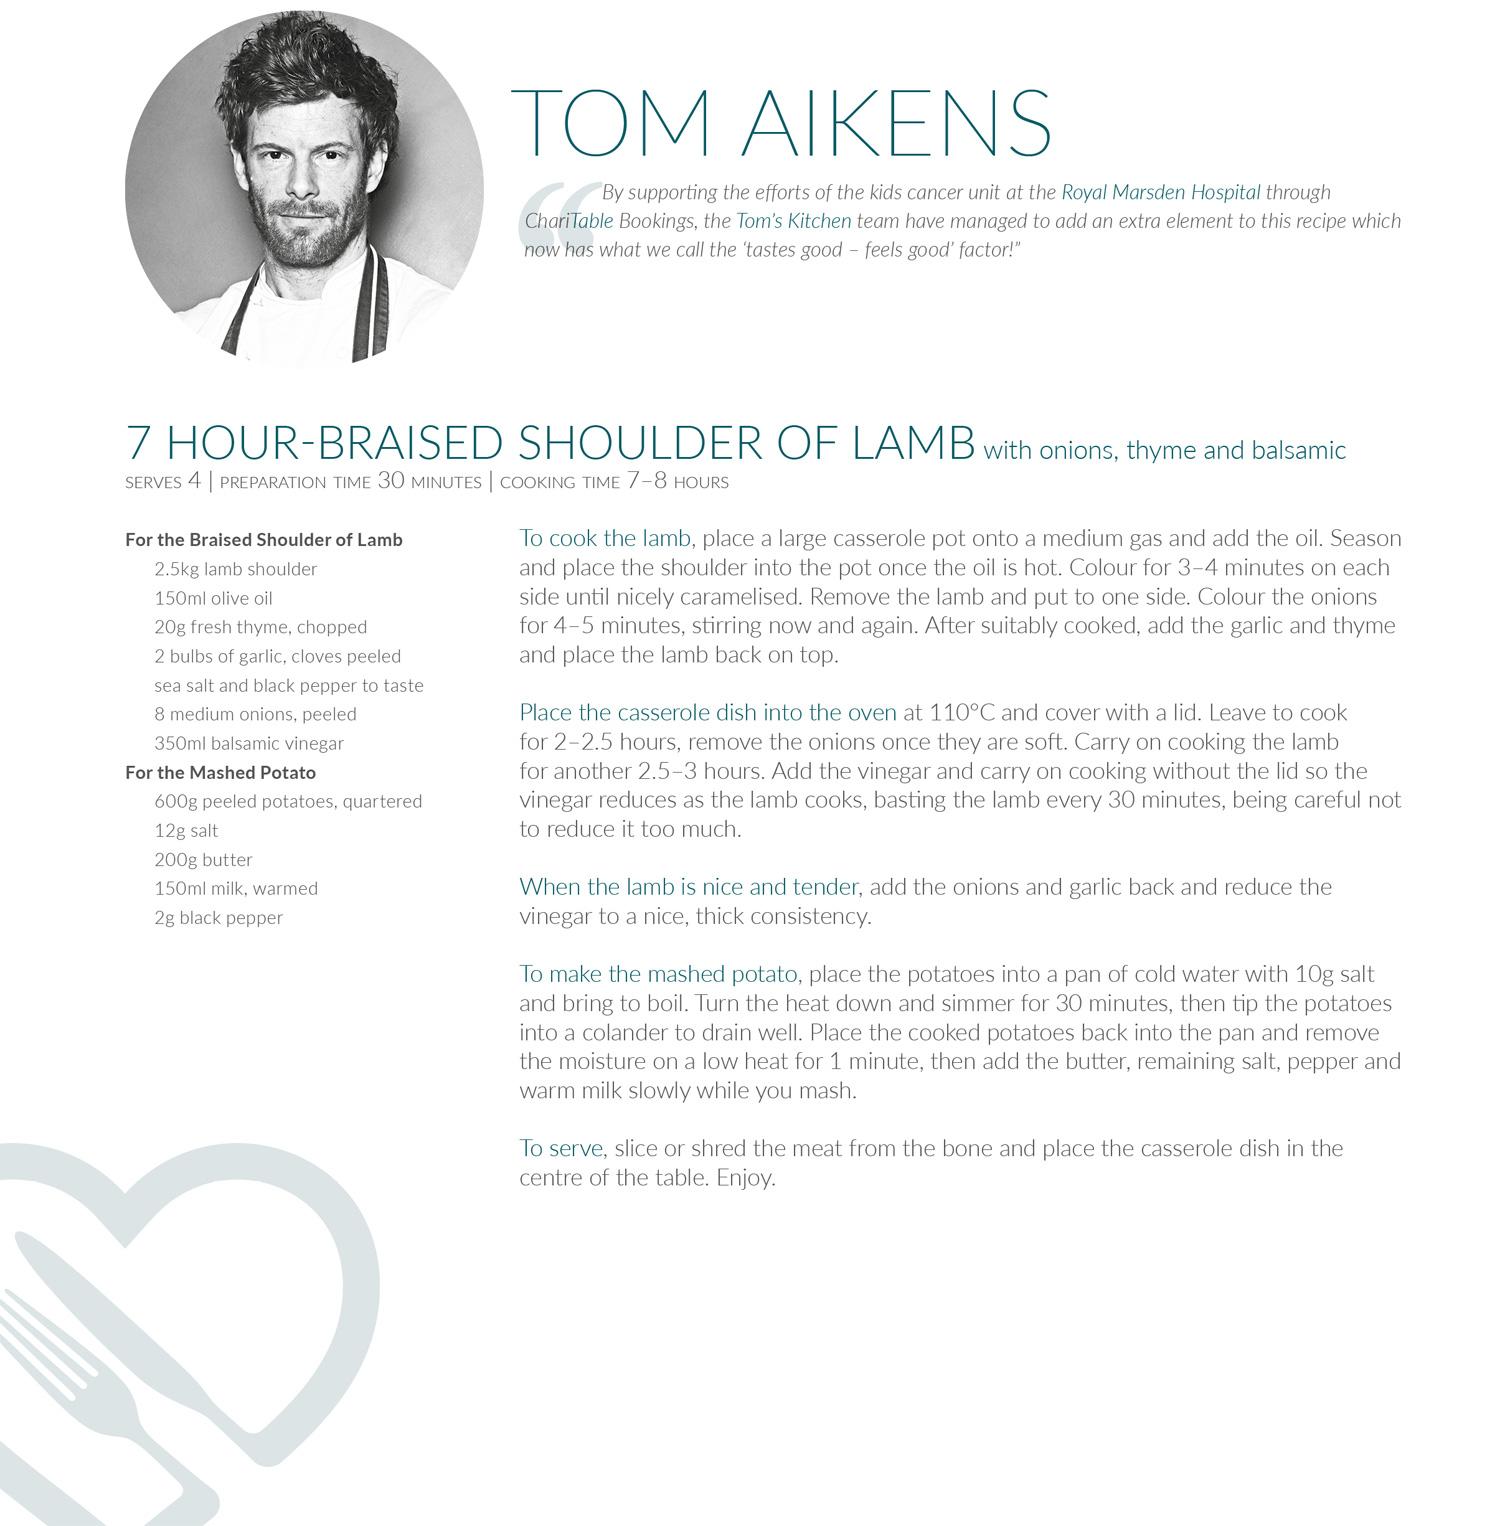 Tom-Aikens-2